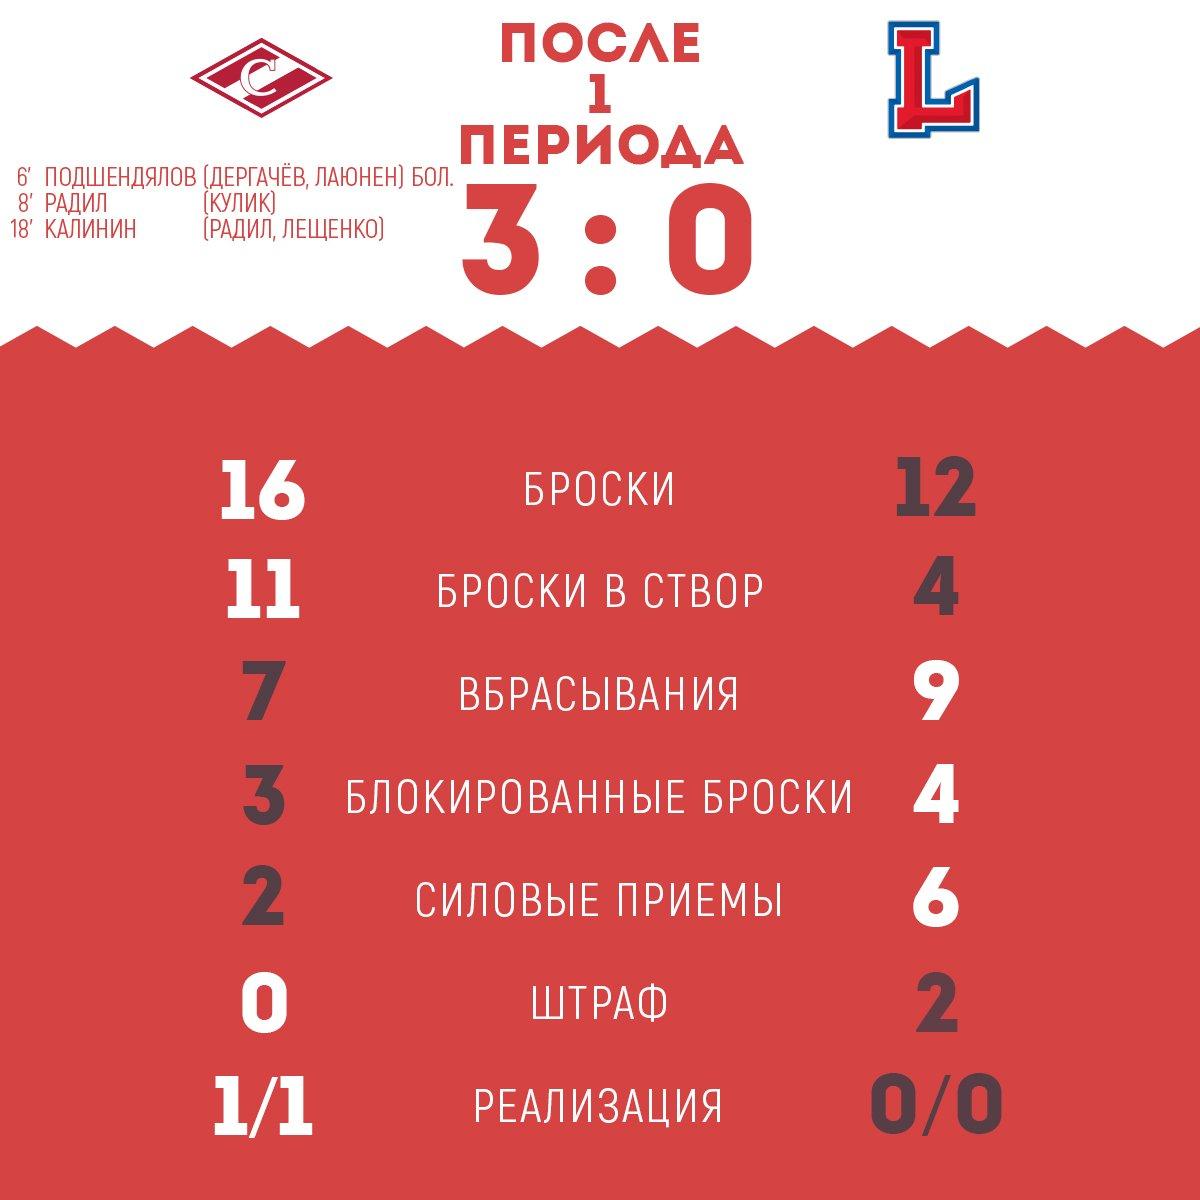 Статистика матча «Спартак» – «Лада» после 1-го периода